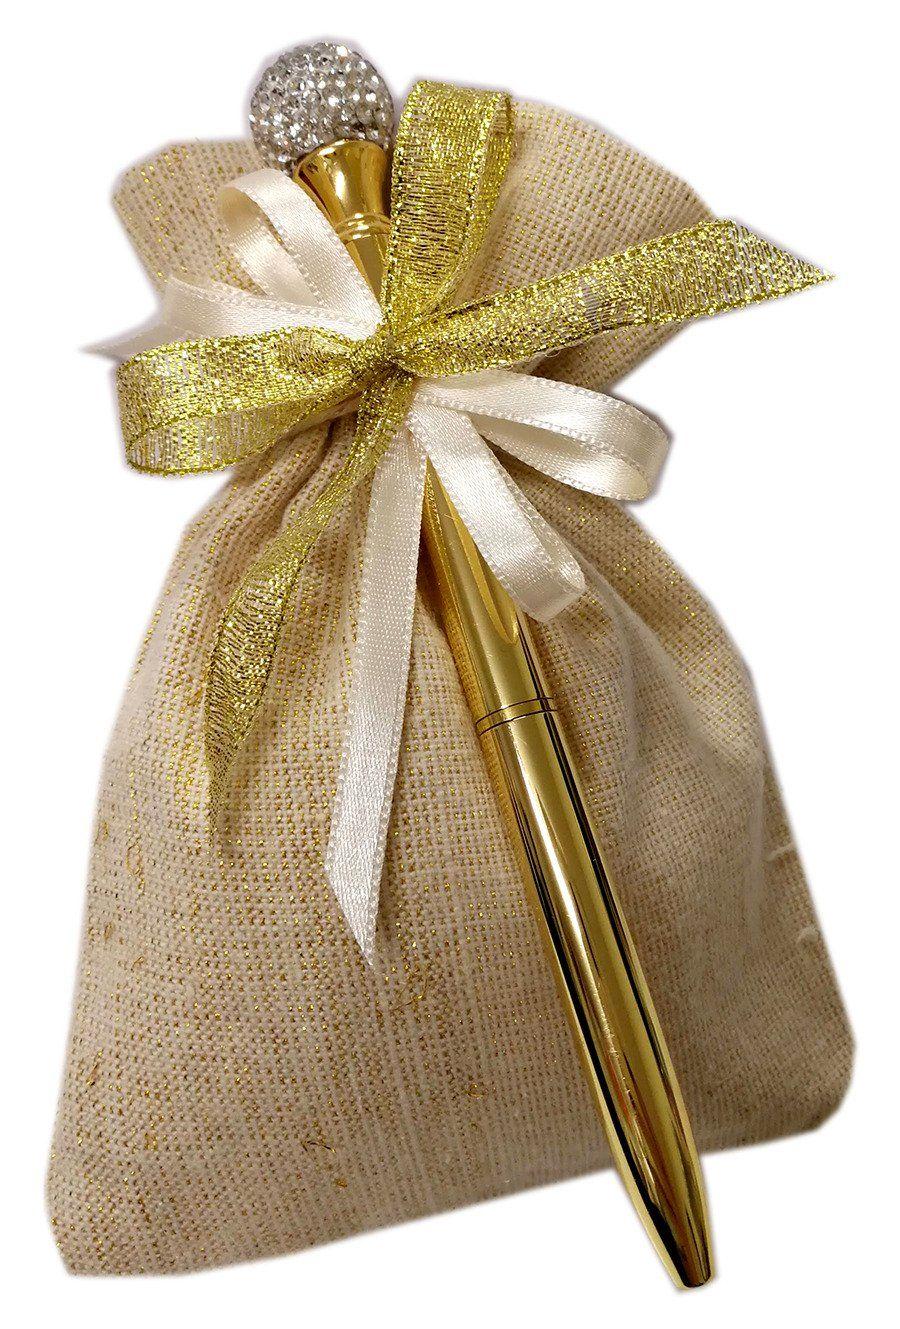 Bomboniere Nozze Oro. Penna con strass confezionata con sacchetto e  confetti. Bellissima bomboniera per 8cea94f8f809